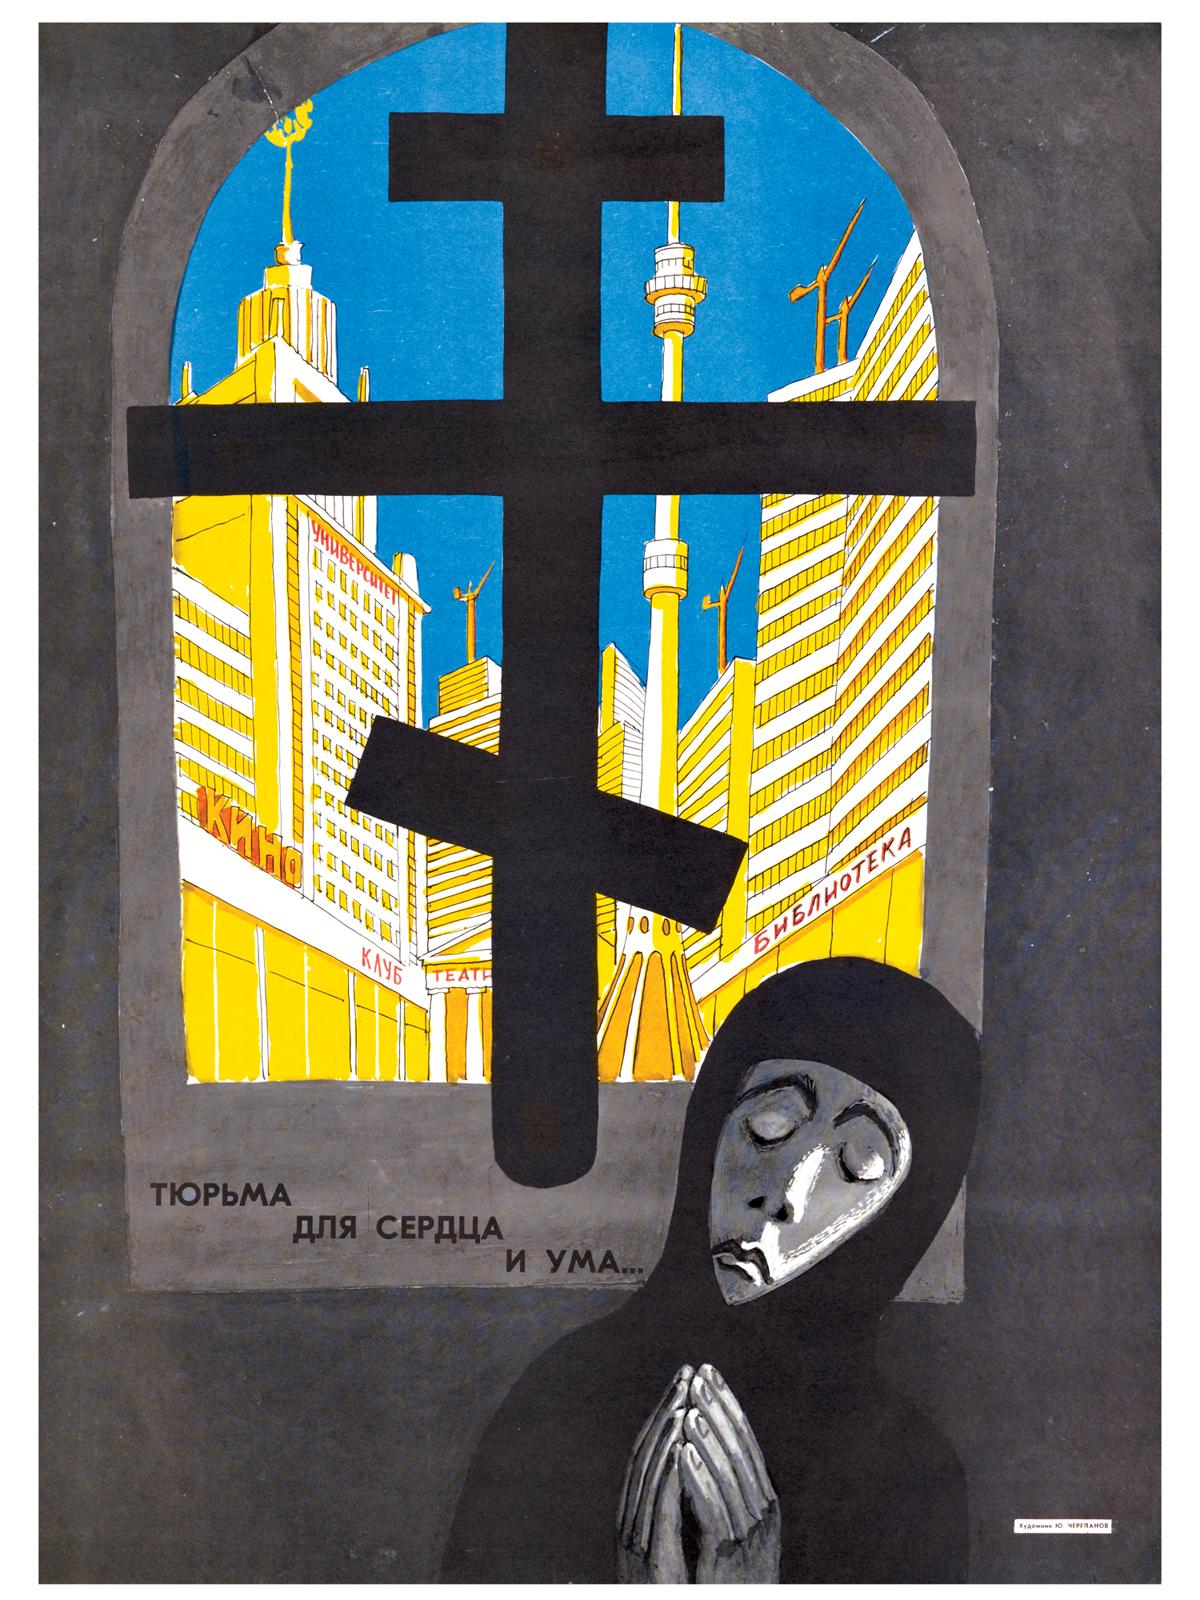 Το σκοτεινό κελί της χριστιανικής πίστης αμαυρώνει τη σοσιαλιστική αρχιτεκτονική και εν γένει τα πολιτιστικά επιτεύγματα (Αχρονολόγητη αφίσα)